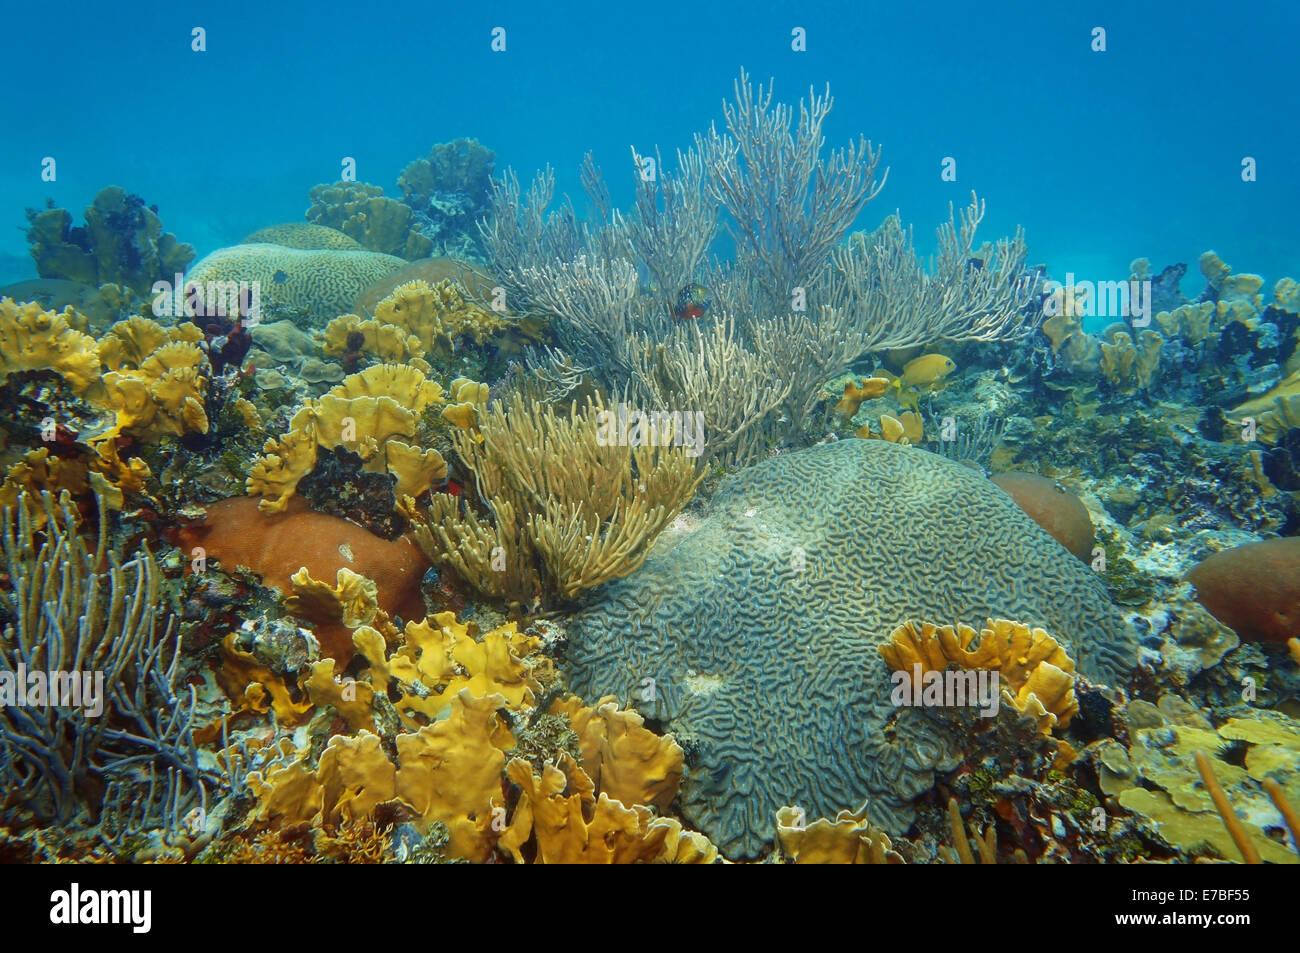 Paesaggio sottomarino in un sano barriera corallina del Mar dei Caraibi Immagini Stock